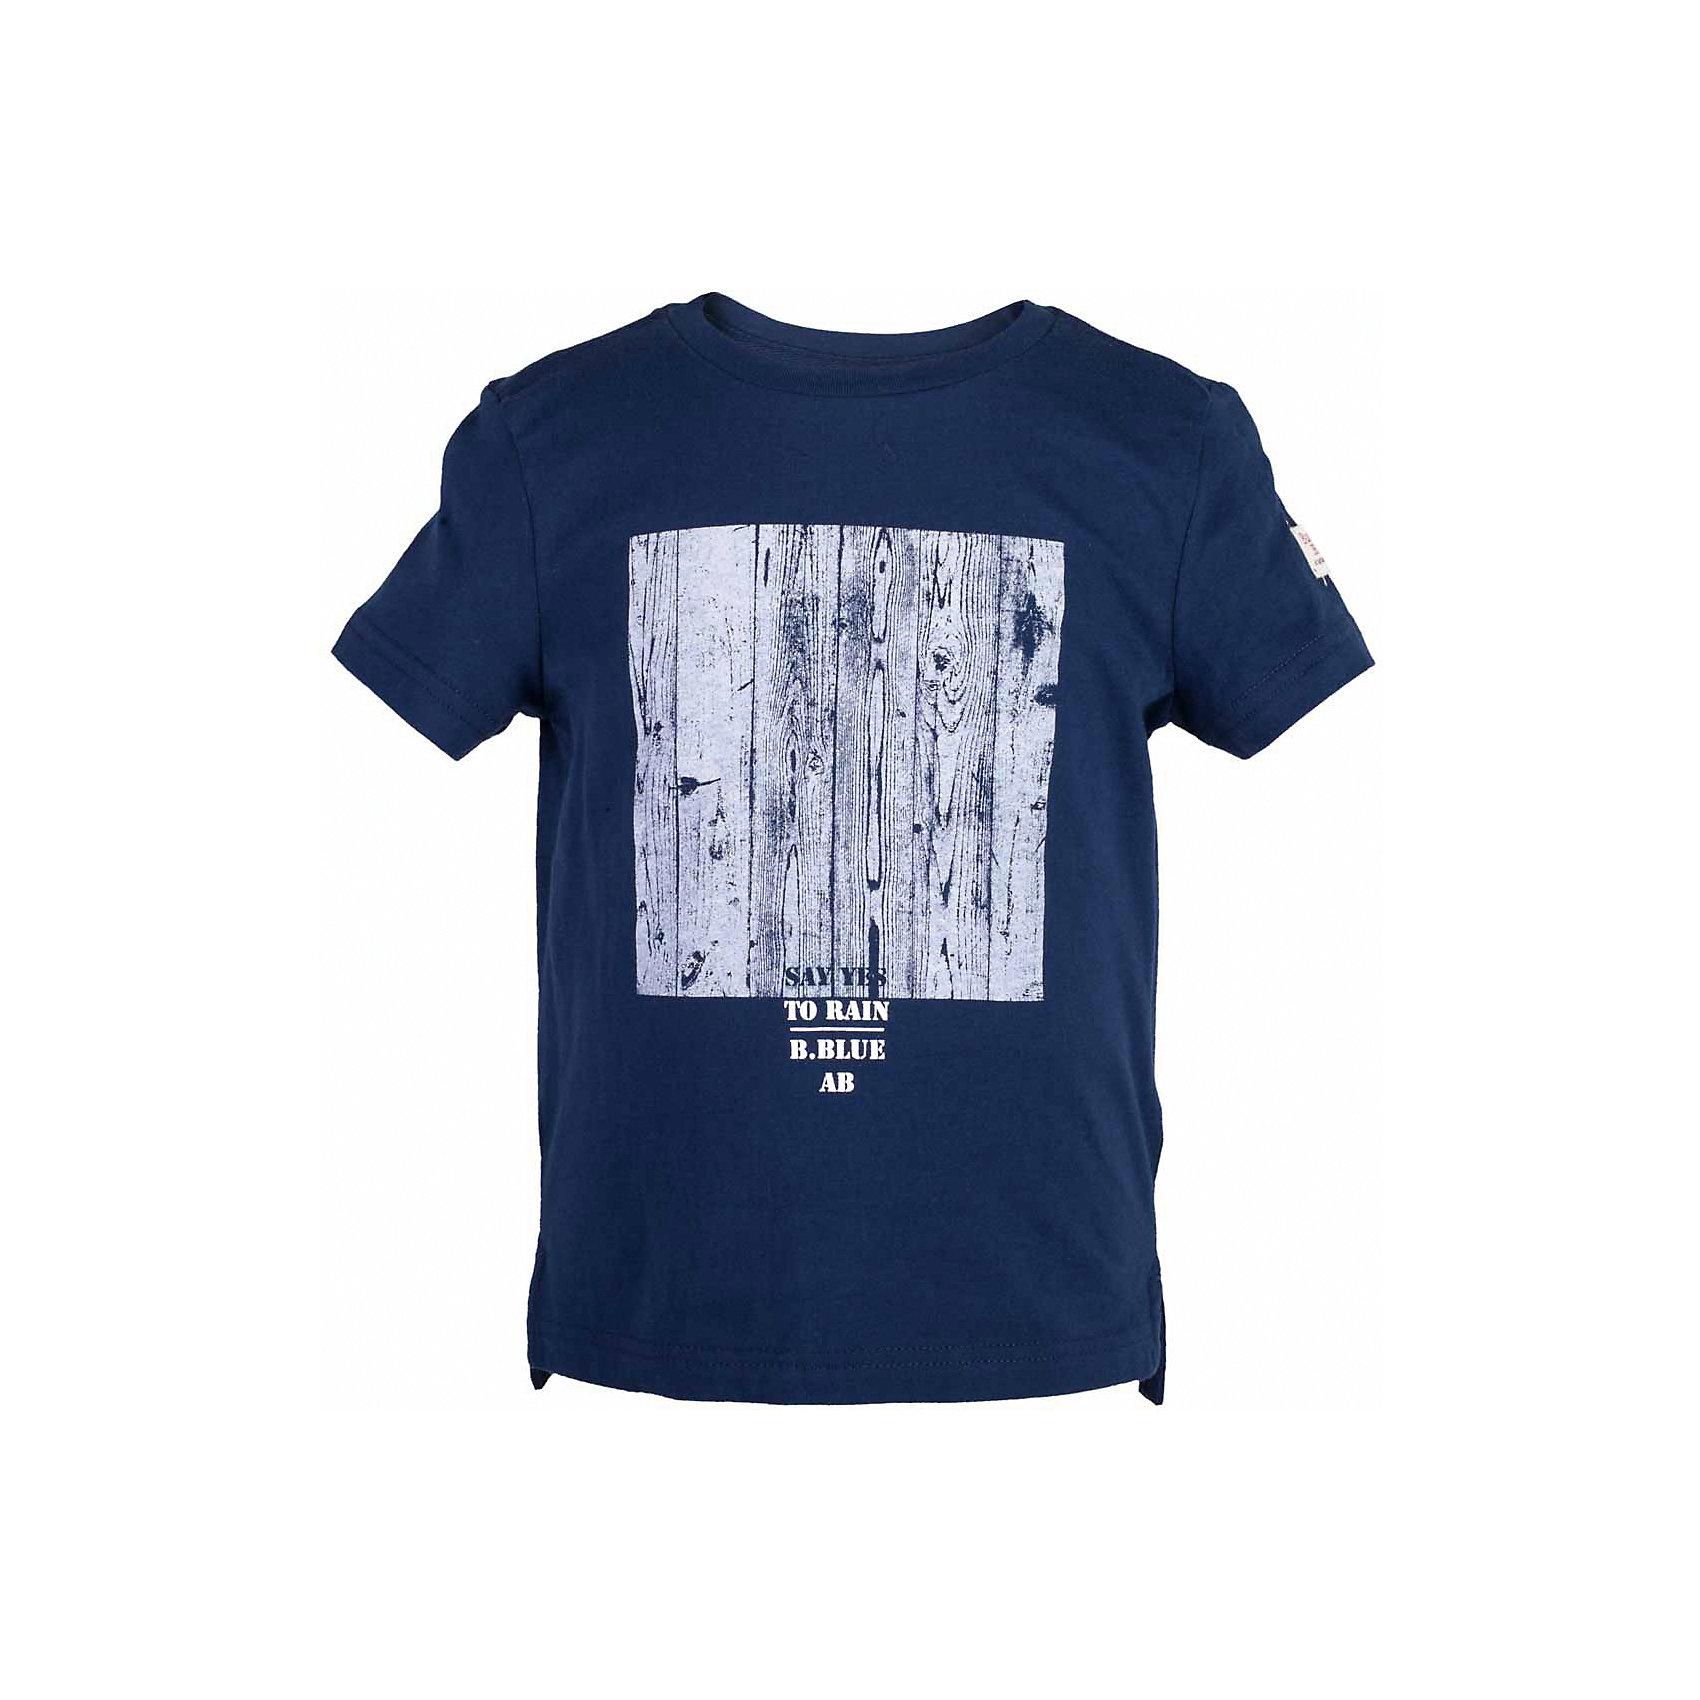 Футболка для мальчика  BUTTON BLUEФутболки, поло и топы<br>Футболка для мальчика  BUTTON BLUE<br>Синяя футболка с крупным принтом - не только базовая вещь в гардеробе ребенка, но и основа модного летнего образа! Если вы решили купить недорогую футболку для мальчика, выберете футболку от Button Blue! Низкая цена изделия не окажет влияния на бюджет семьи, позволив создать интересный гардероб для долгожданных каникул! Высокое качество подарит удобство, комфорт и принесет удовольствие от покупки.<br>Состав:<br>100%  хлопок<br><br>Ширина мм: 199<br>Глубина мм: 10<br>Высота мм: 161<br>Вес г: 151<br>Цвет: синий<br>Возраст от месяцев: 36<br>Возраст до месяцев: 48<br>Пол: Мужской<br>Возраст: Детский<br>Размер: 116,110,128,122,104,98,158,152,146,140,134<br>SKU: 5524221